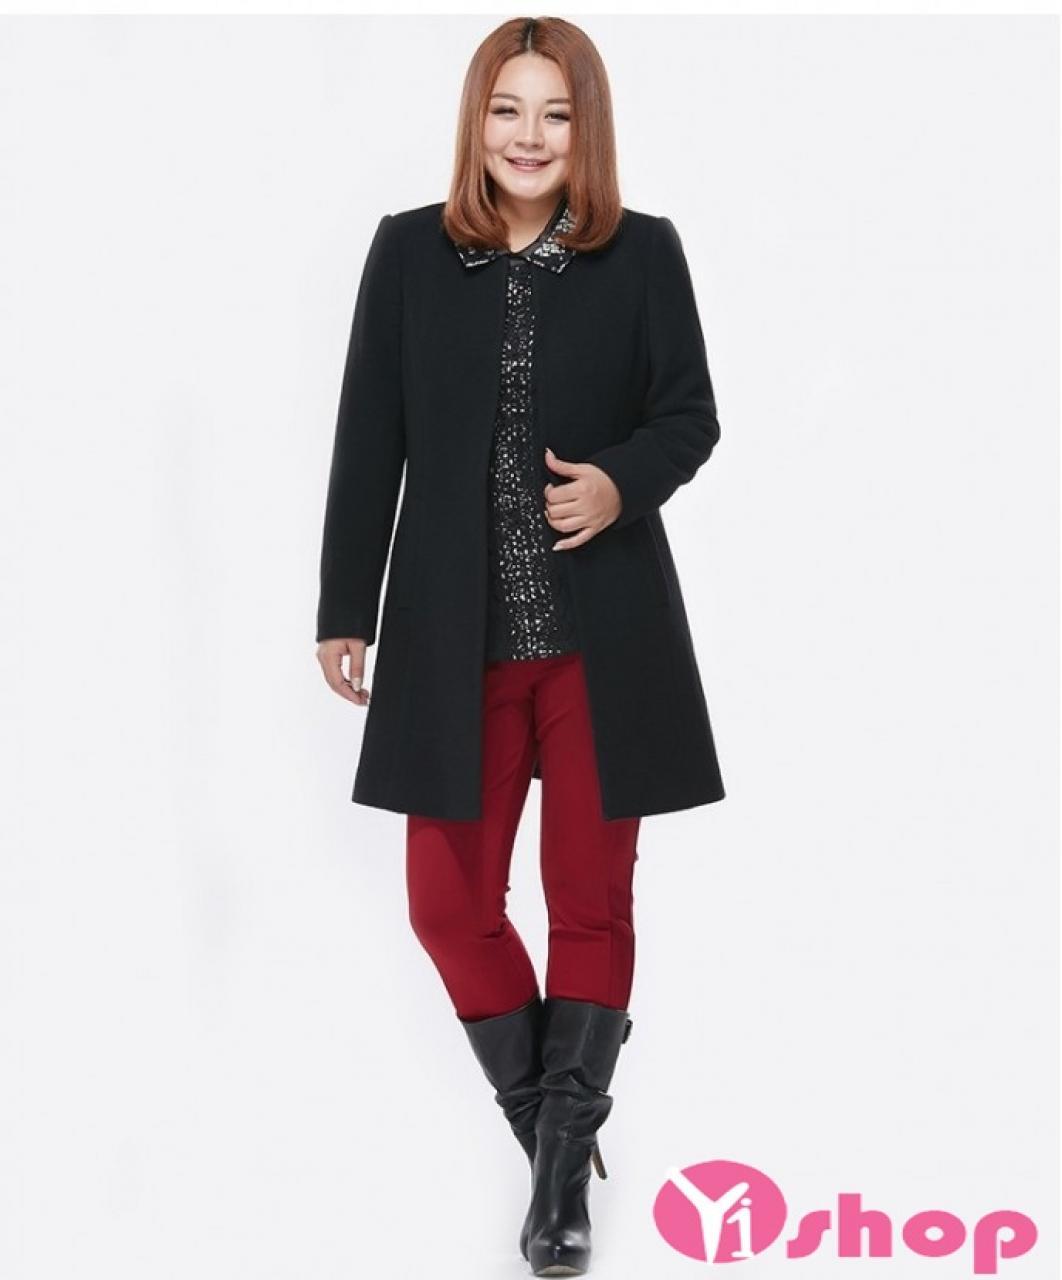 Áo khoác dạ nữ dáng dài đẹp thu đông 2019 cho người béo lùn